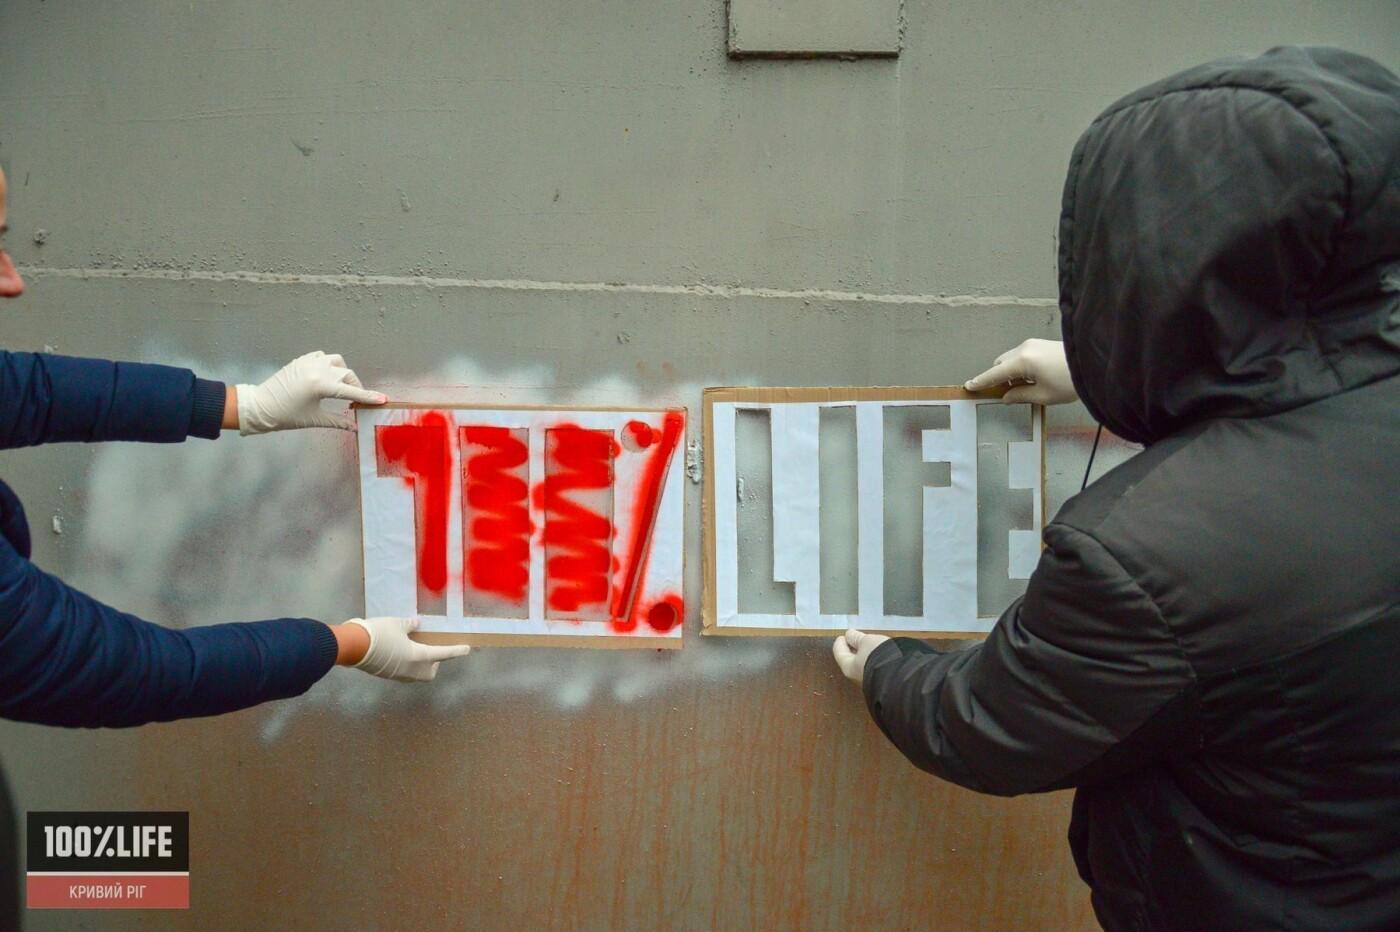 Криворожские подростки вместе с копами зарисовывали незаконную рекламу наркотиков, - ФОТО , фото-5